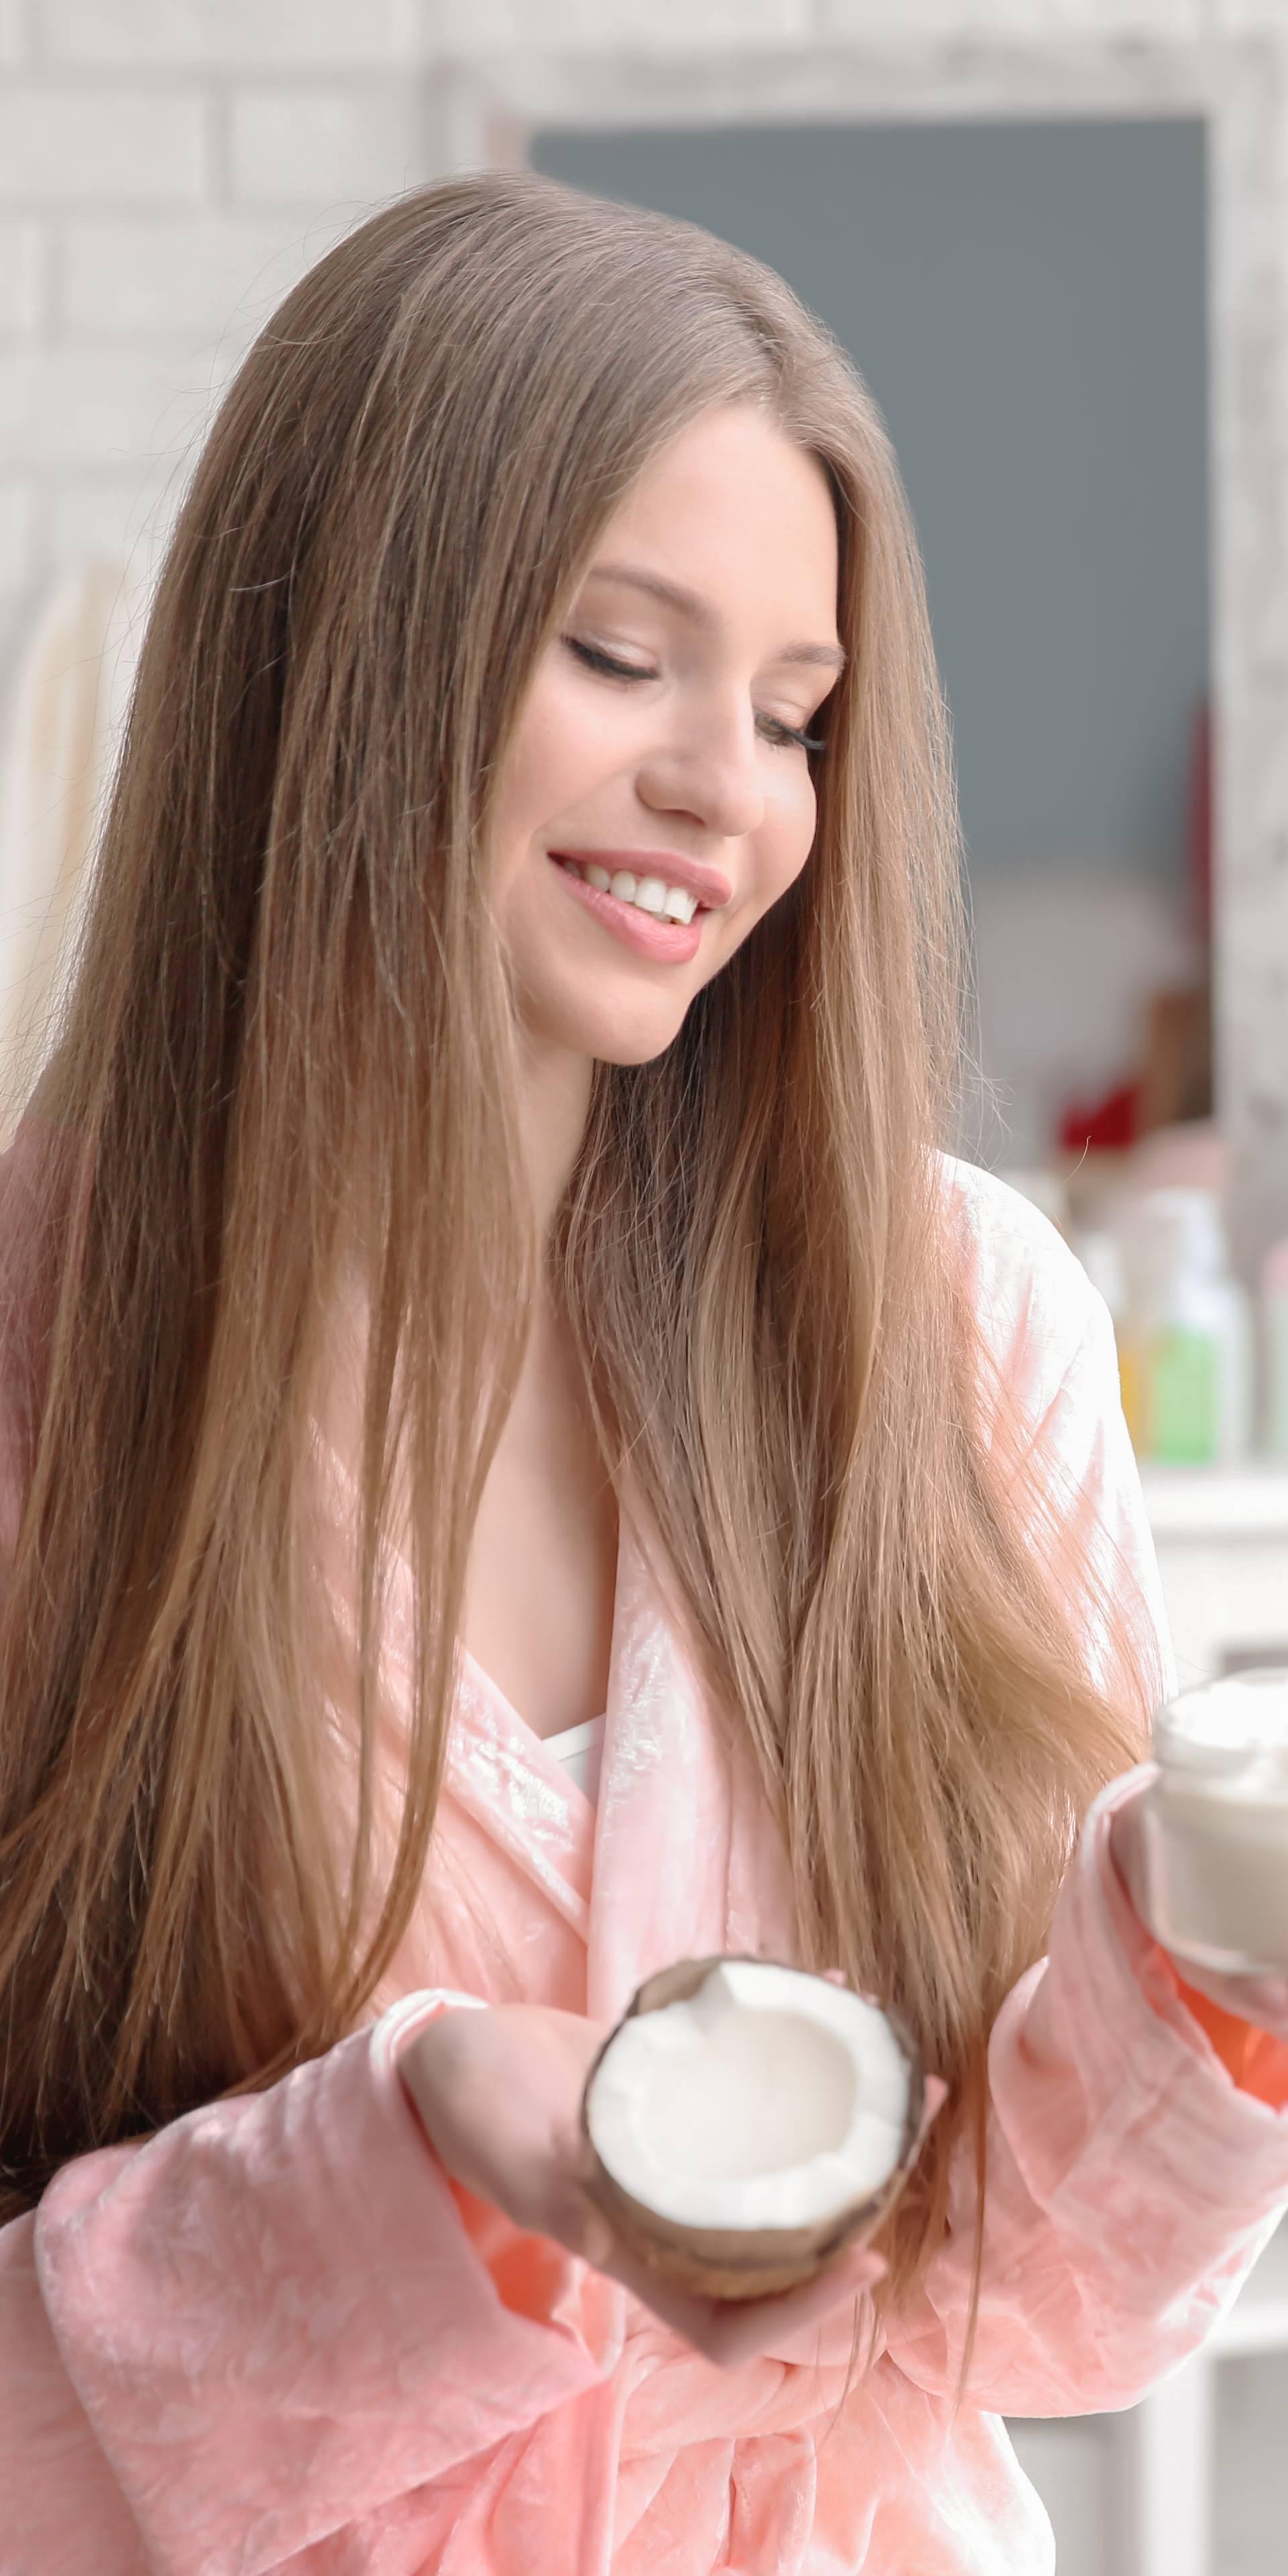 I tanka kosa se da 'udebljati' dodajući volumen na sredini